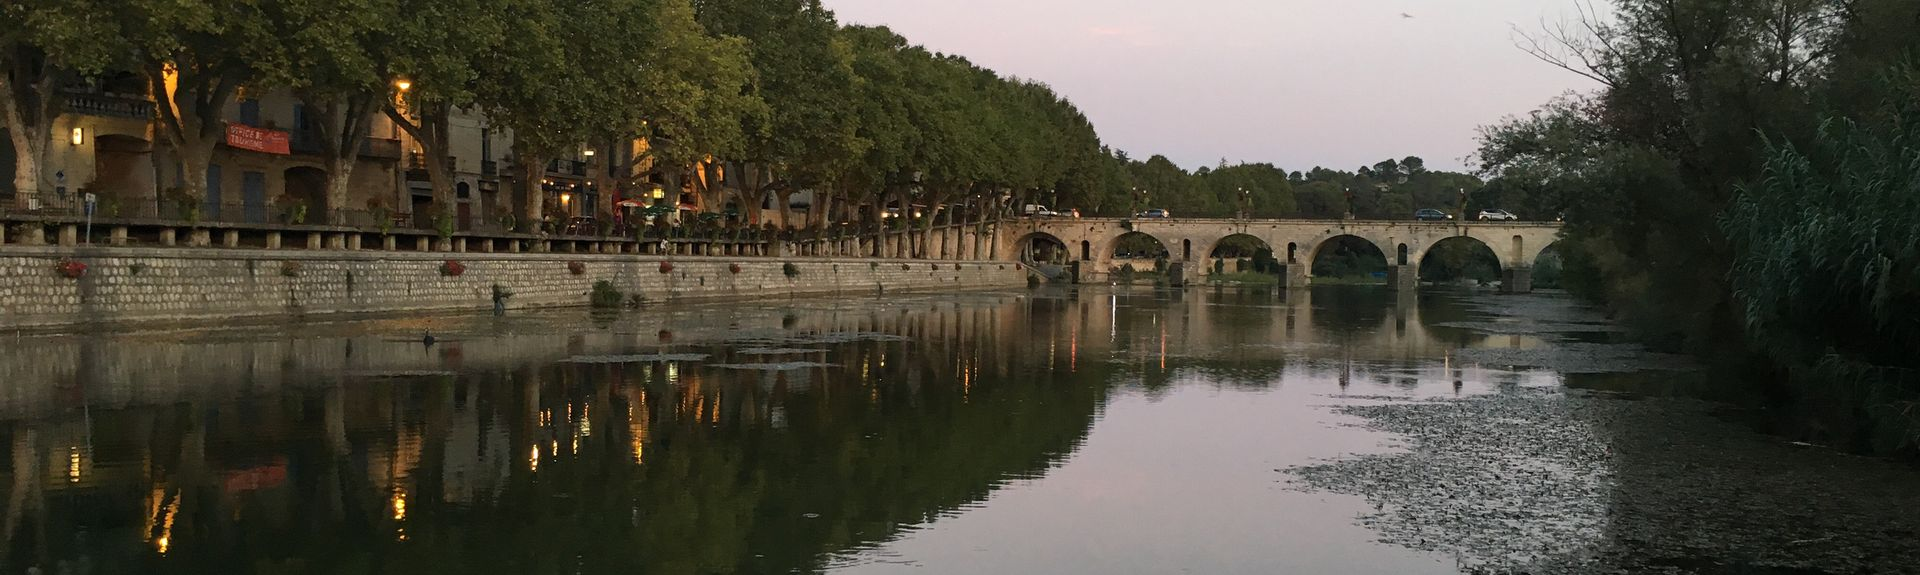 Aubais, Occitania, Francia